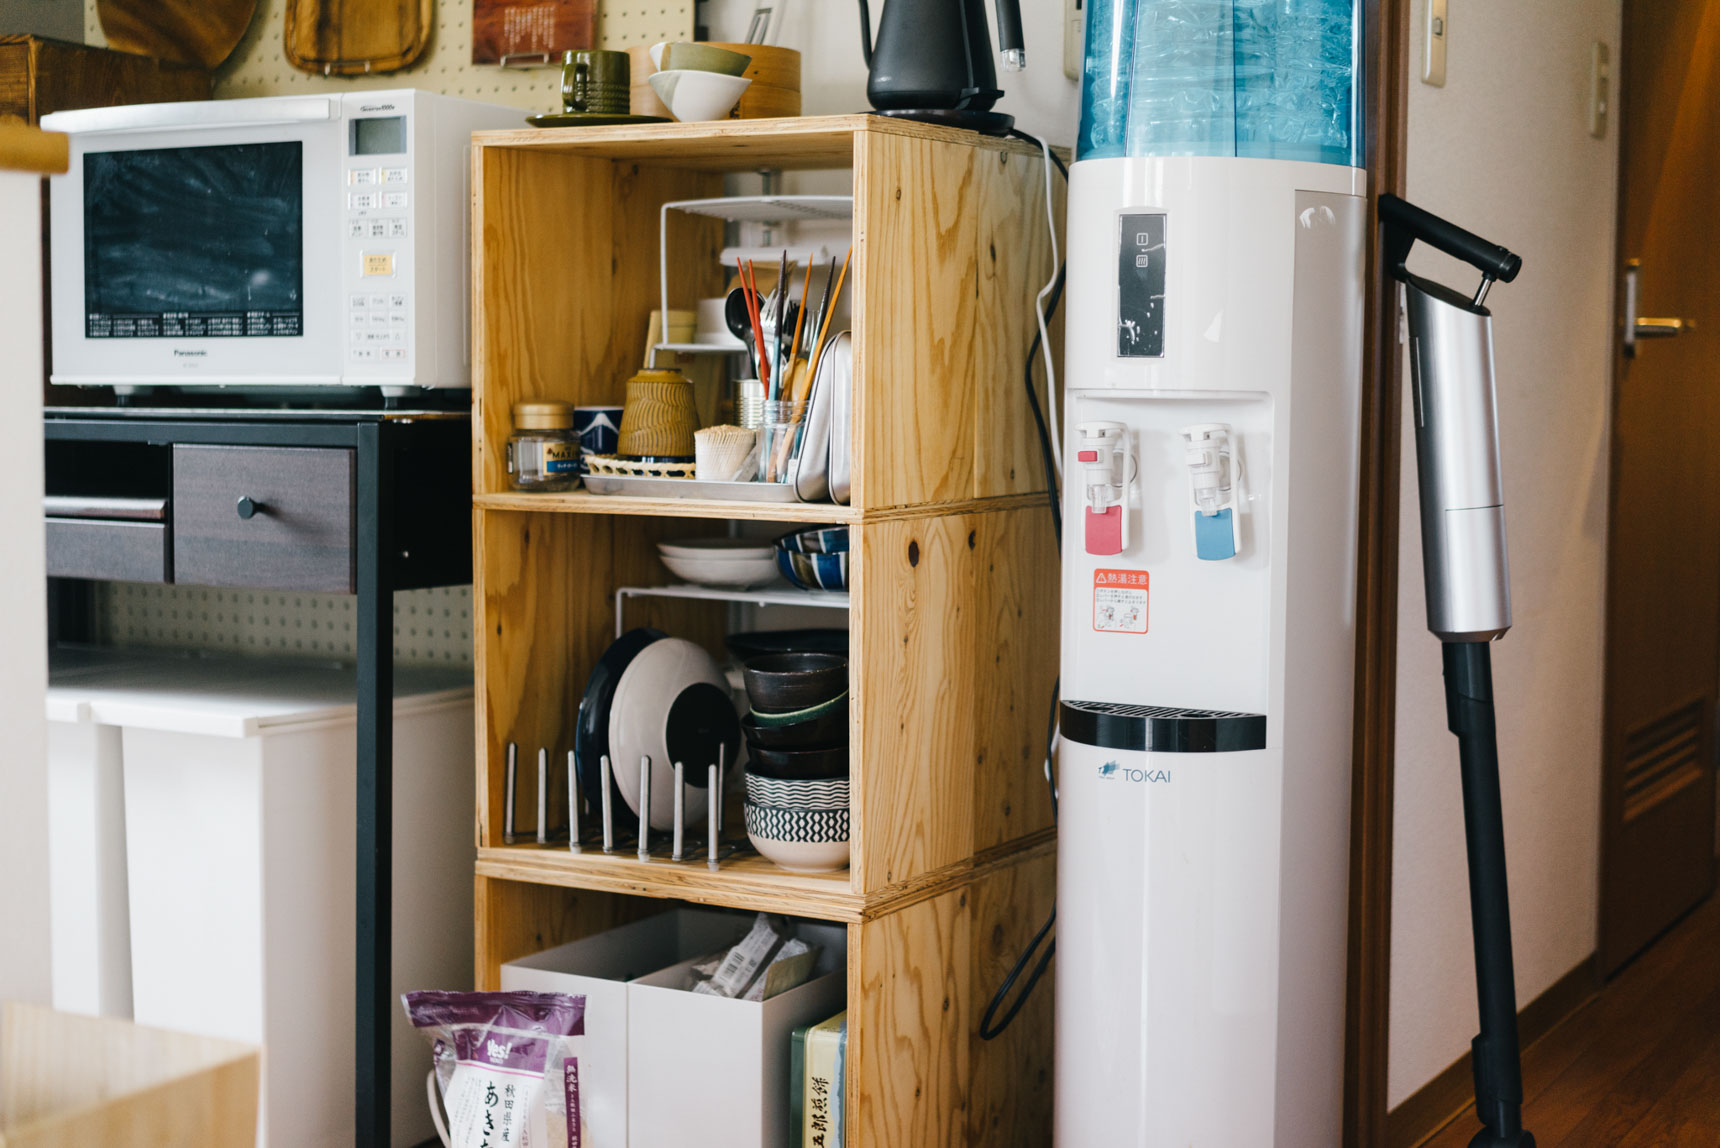 食器は、楽天で購入した積み重ねできる木箱に仕舞われています。